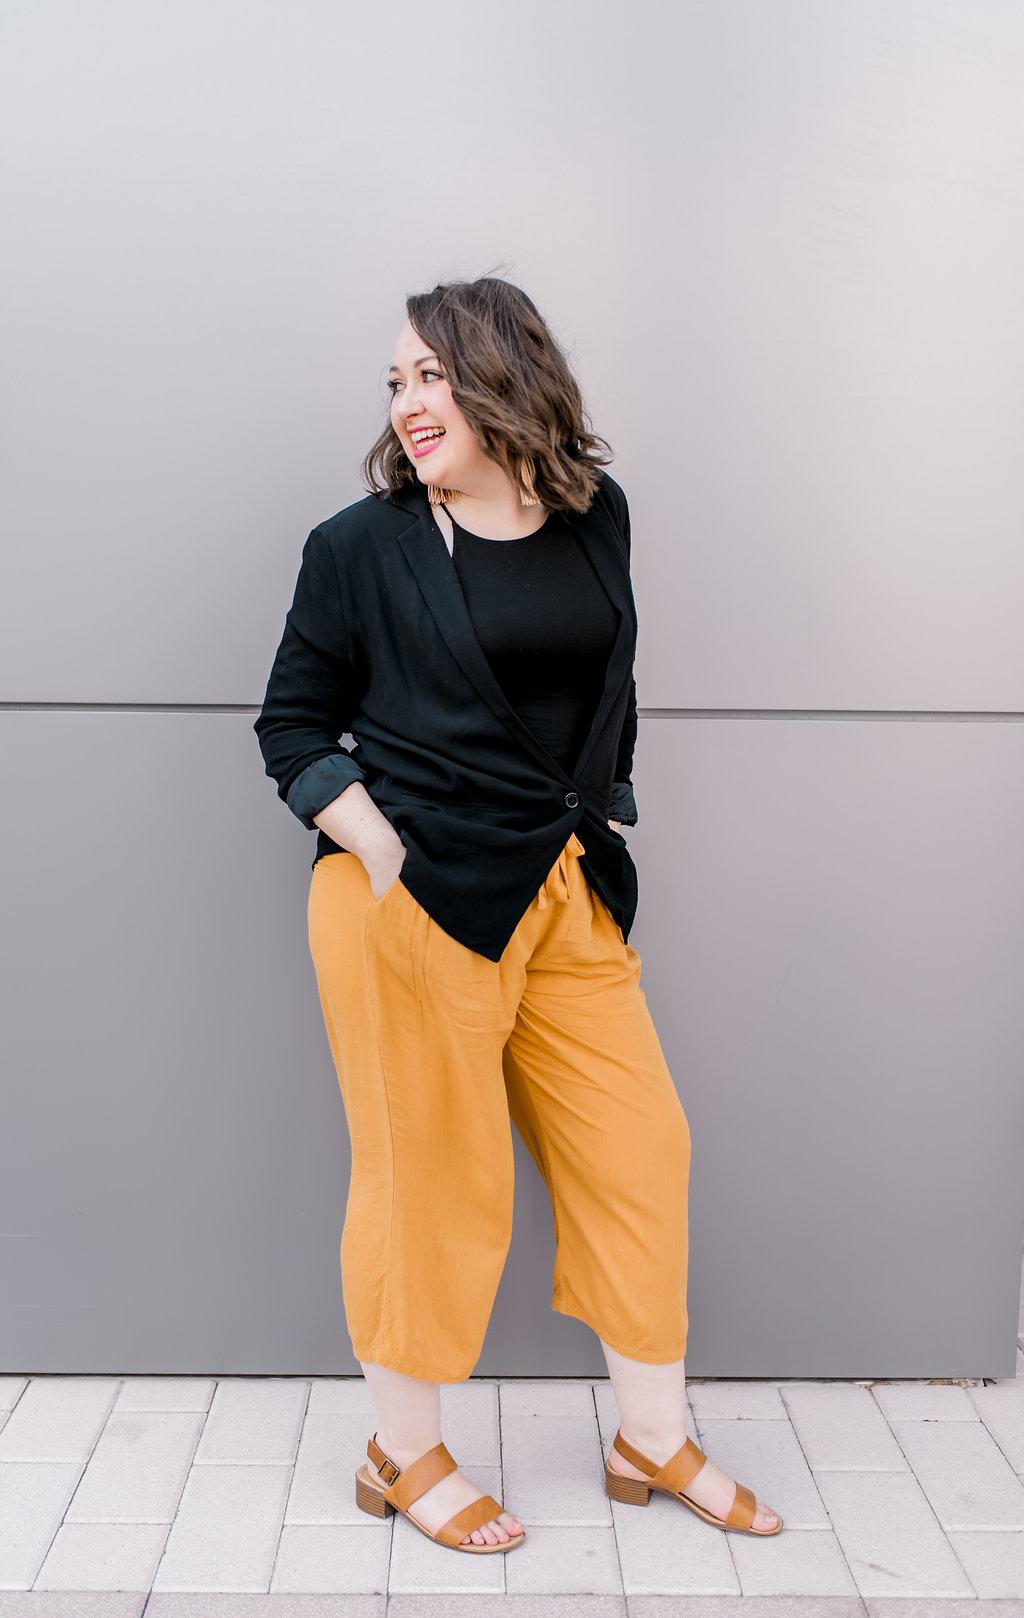 AmandaSmith-audriedollins